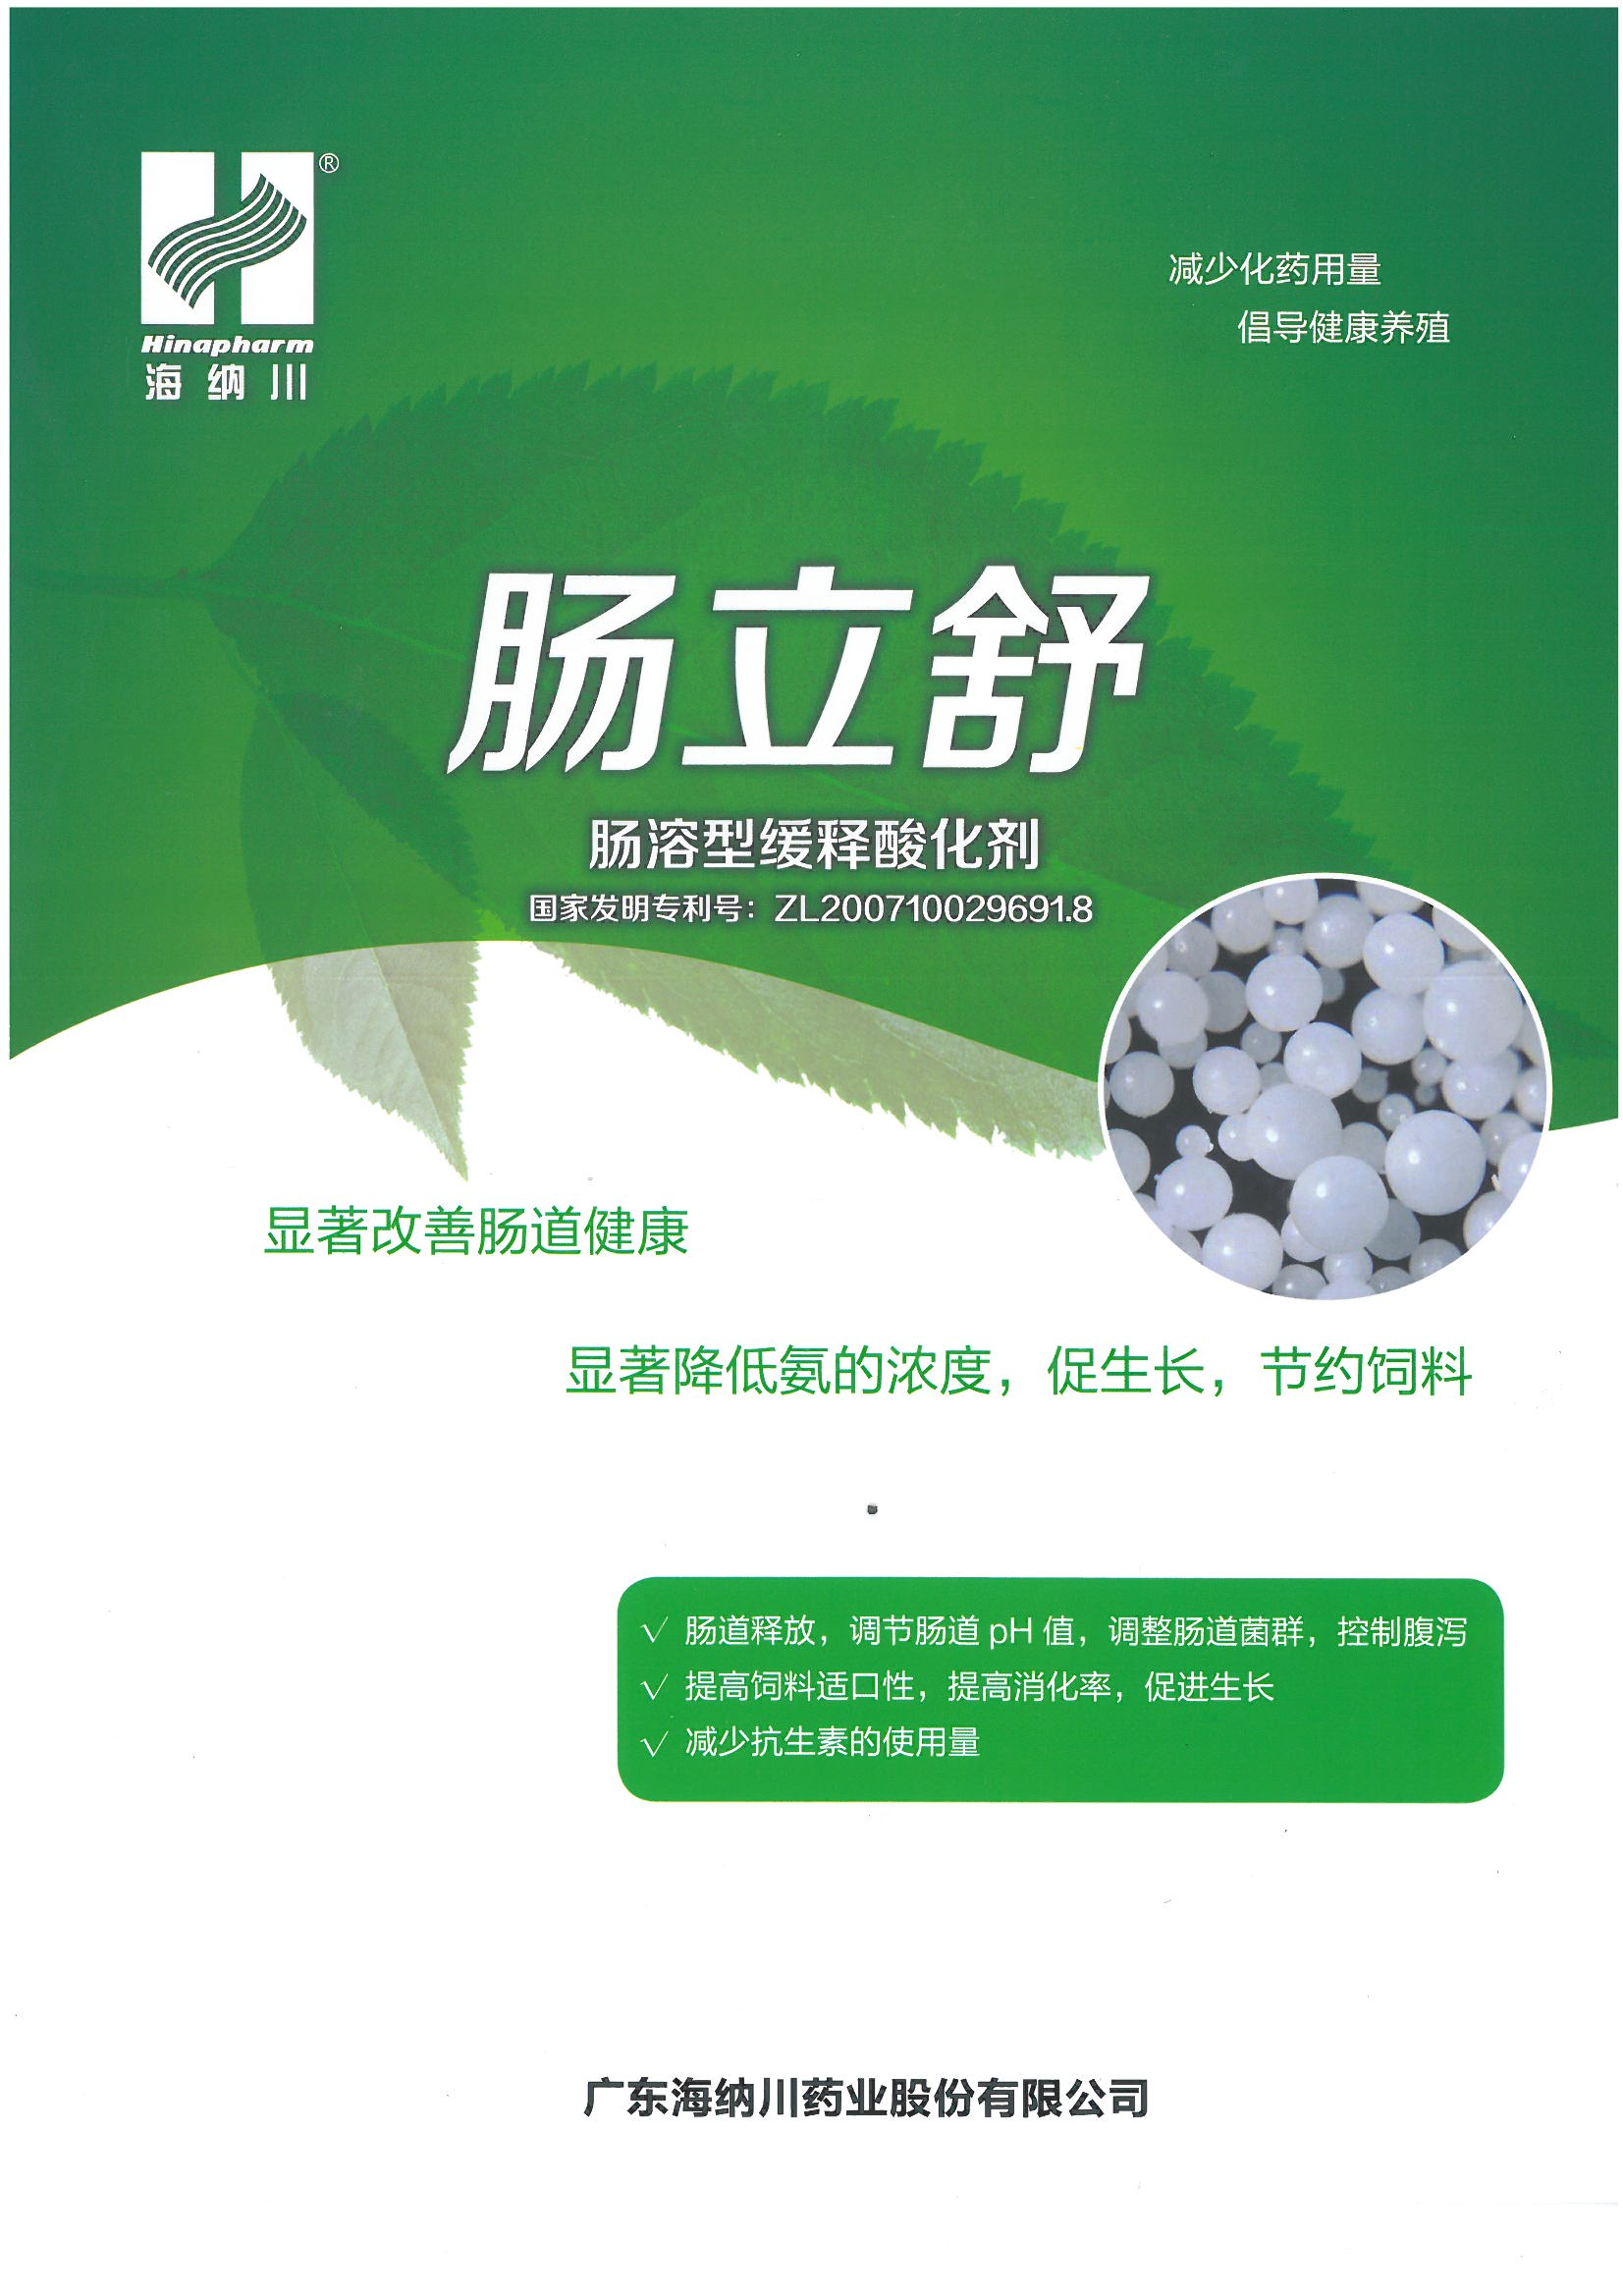 肠立舒——肠溶型缓释酸化剂